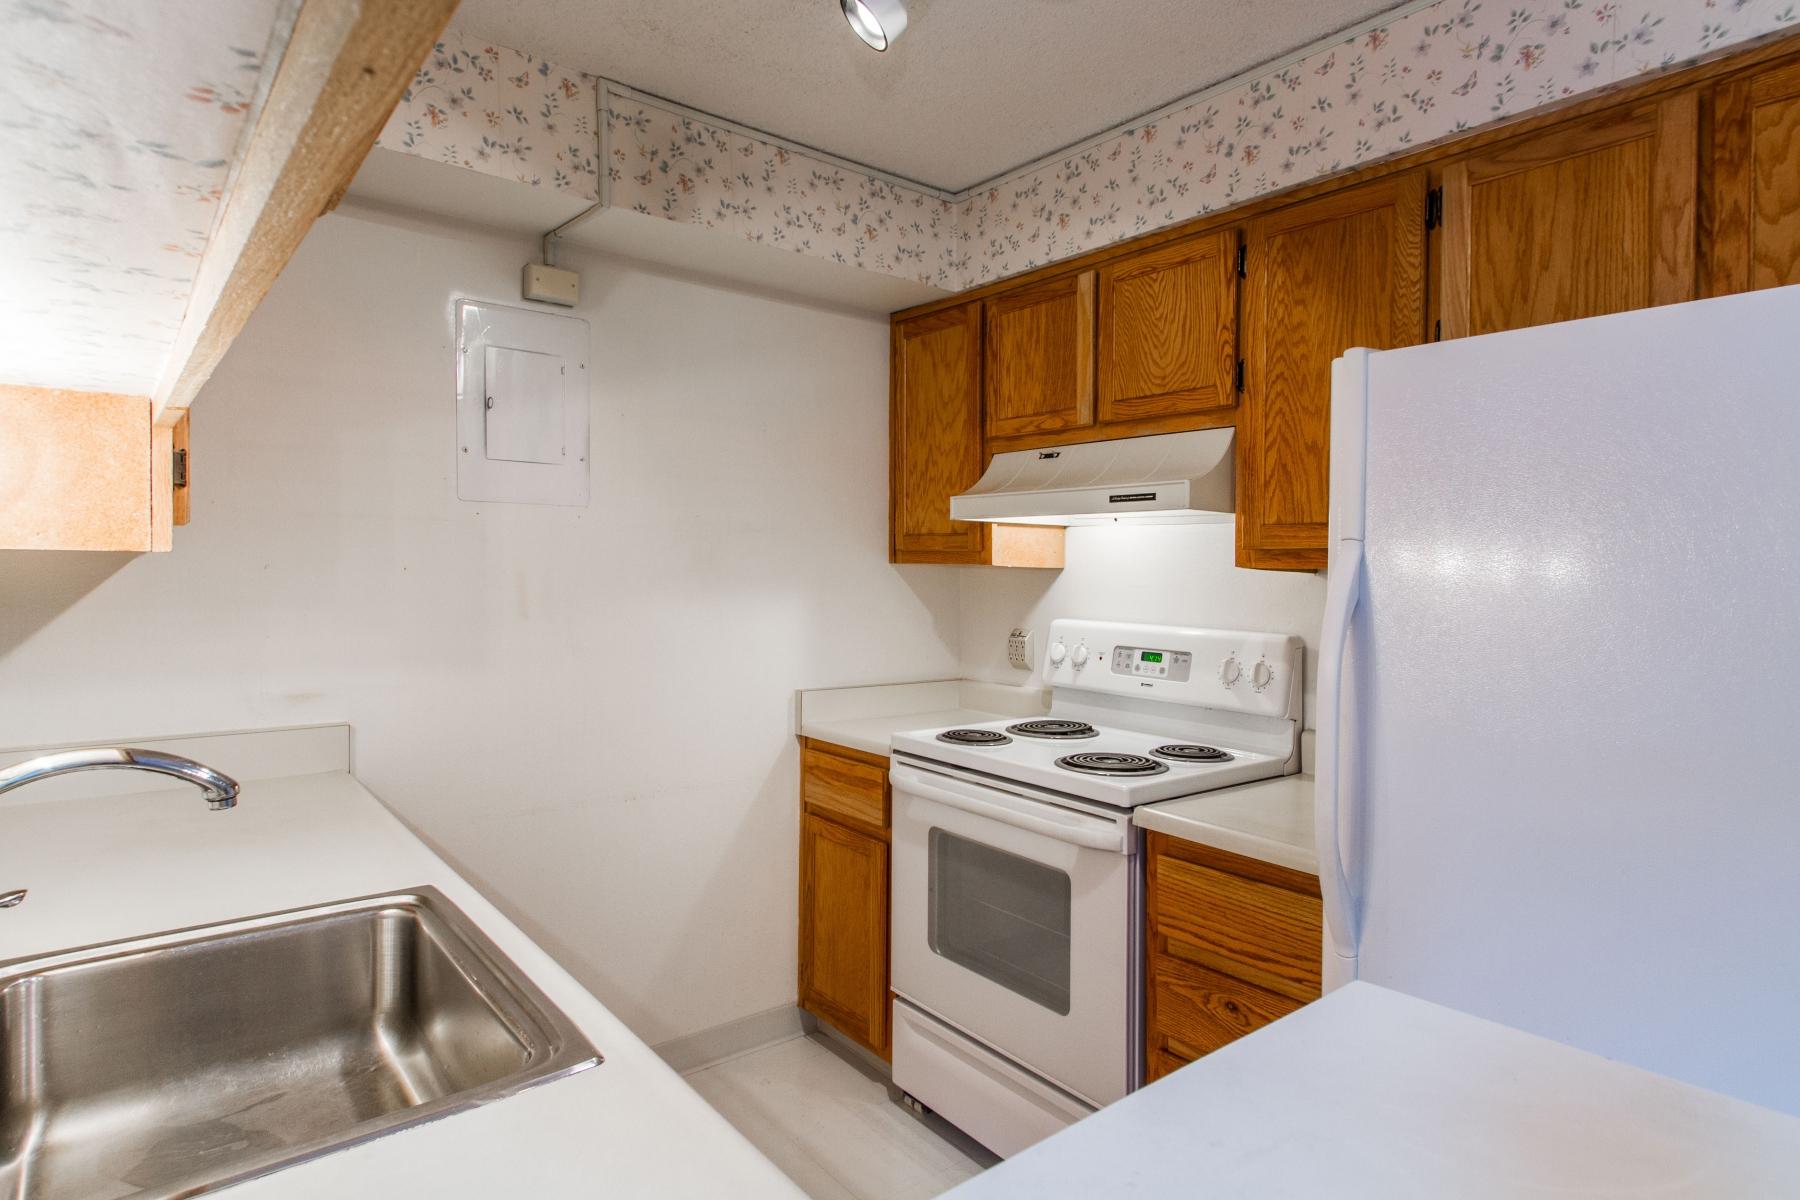 Kitchen_1800x1200_2694146.jpg